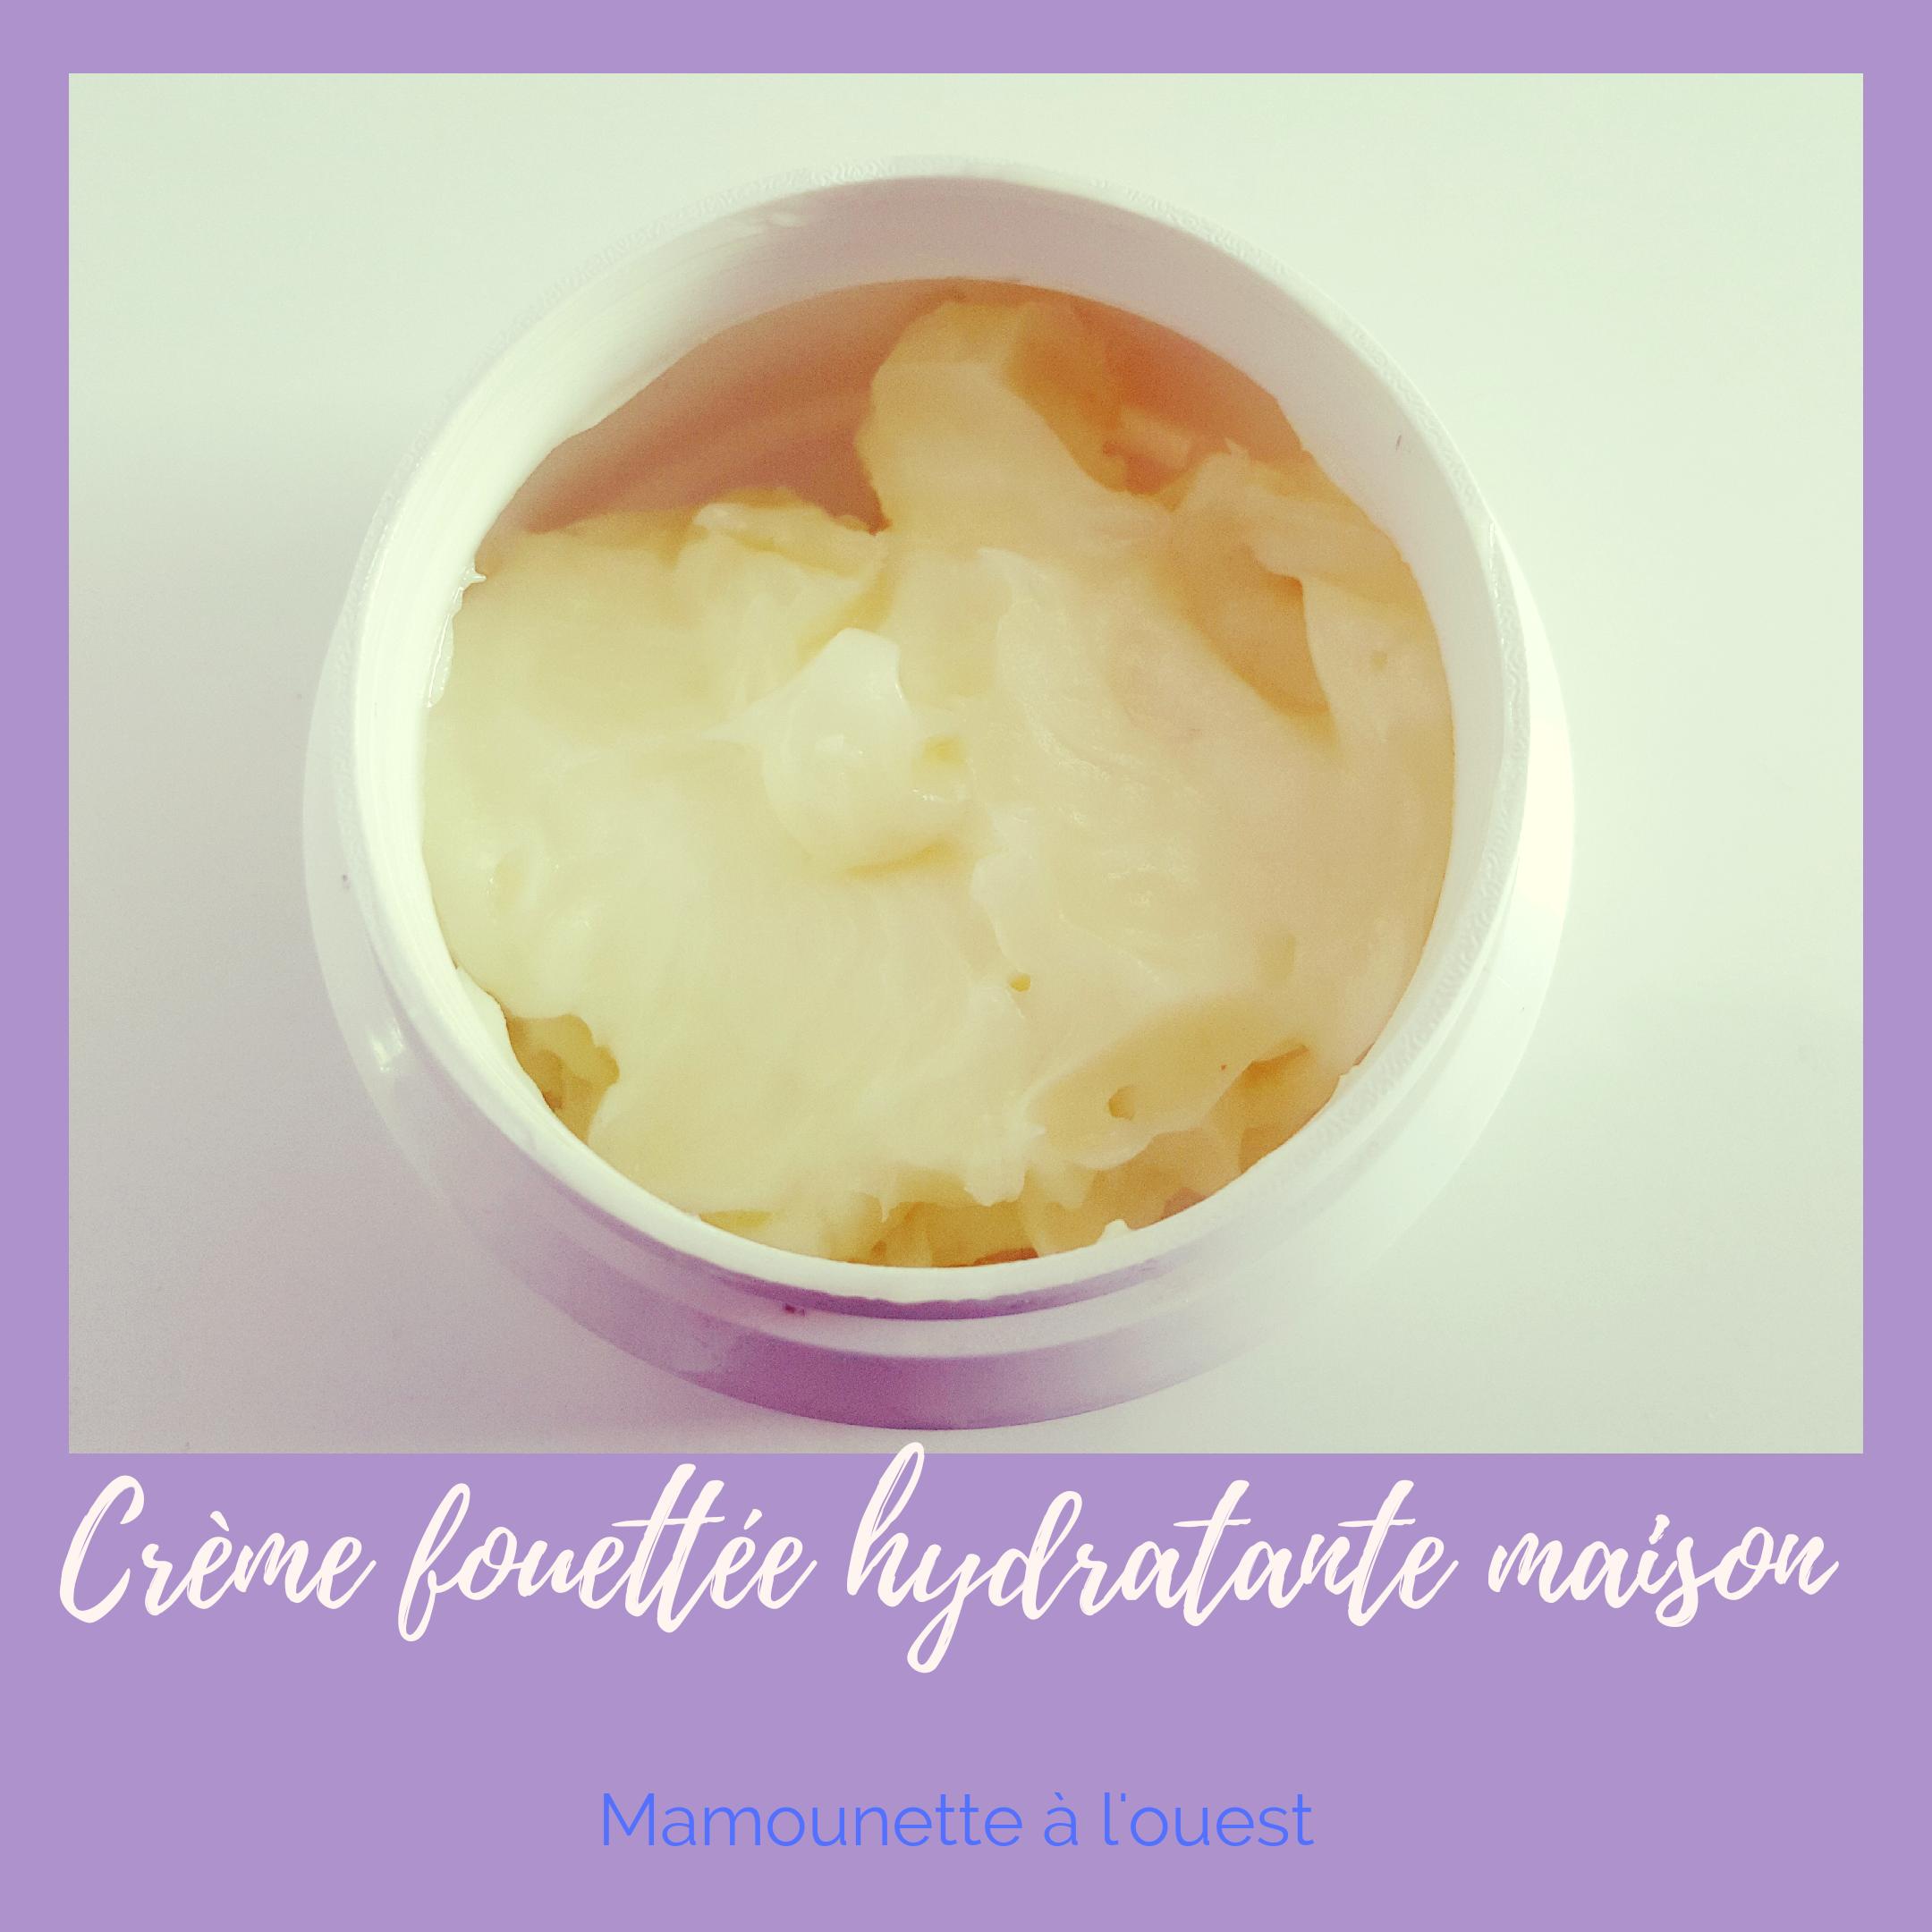 crème hydratante fouettée maison.png